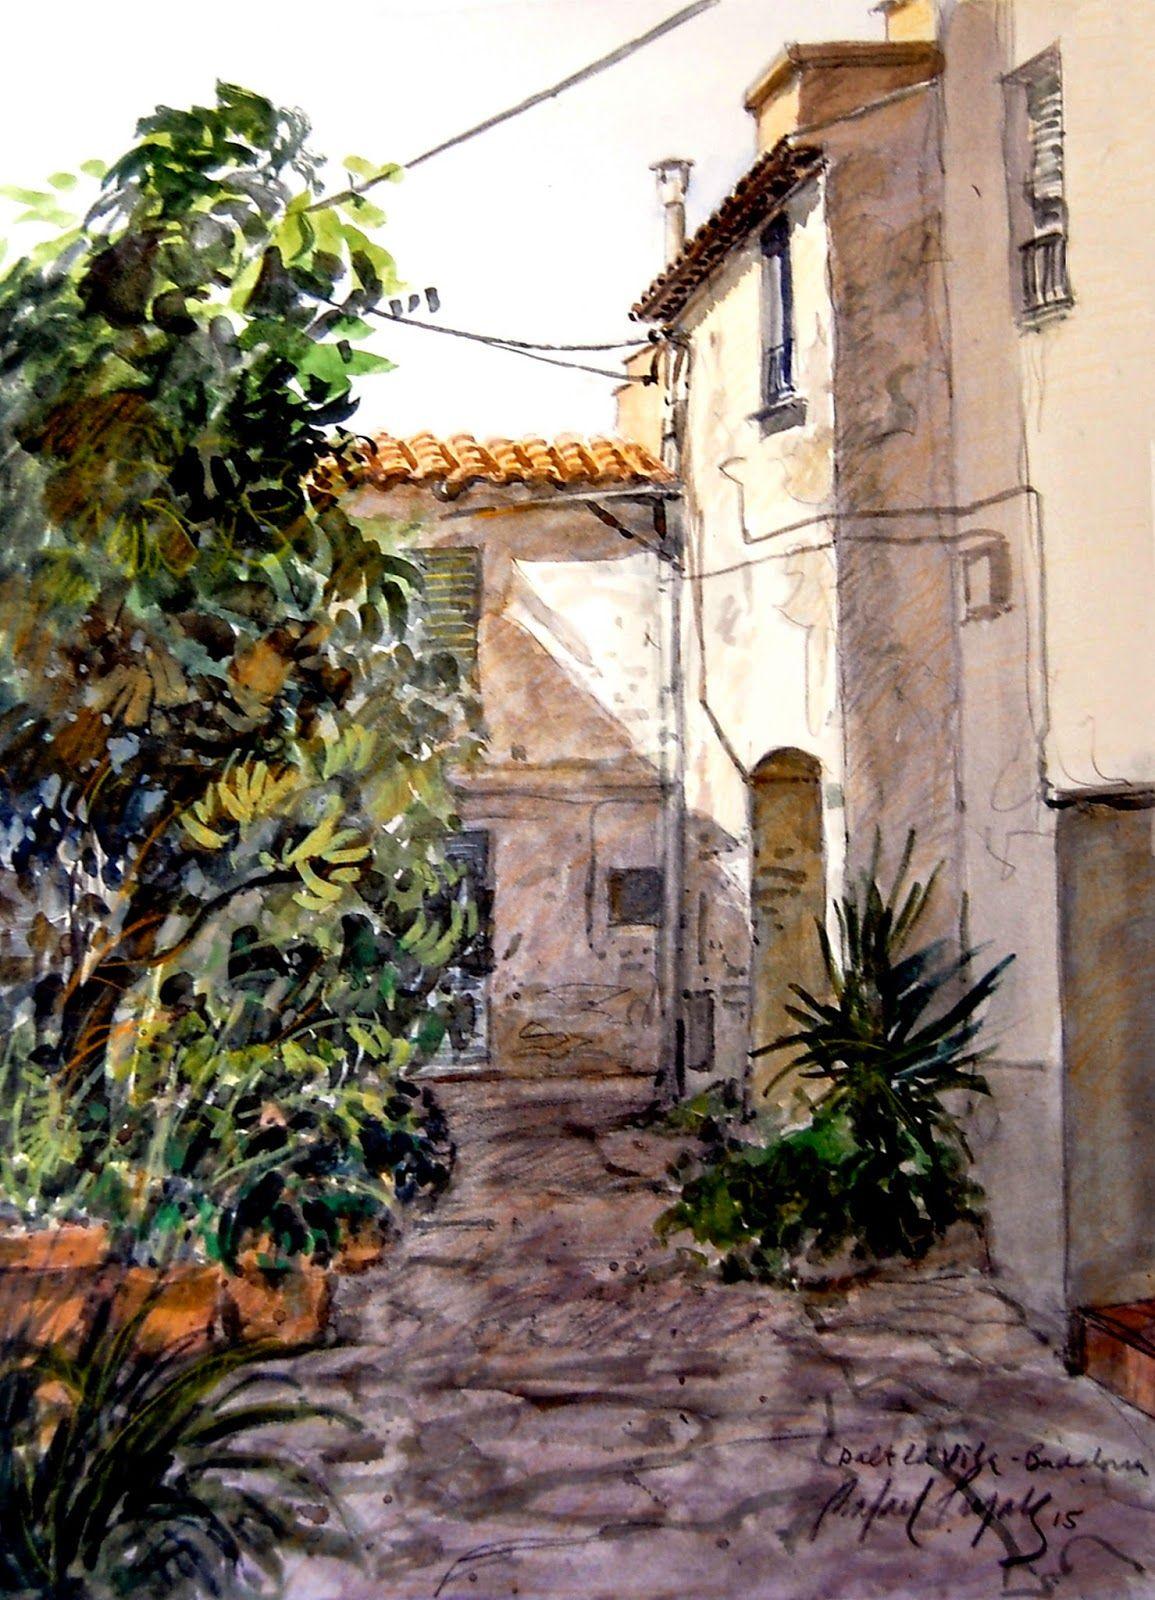 Rafael Pujals art: Racó de Dalt la Vila